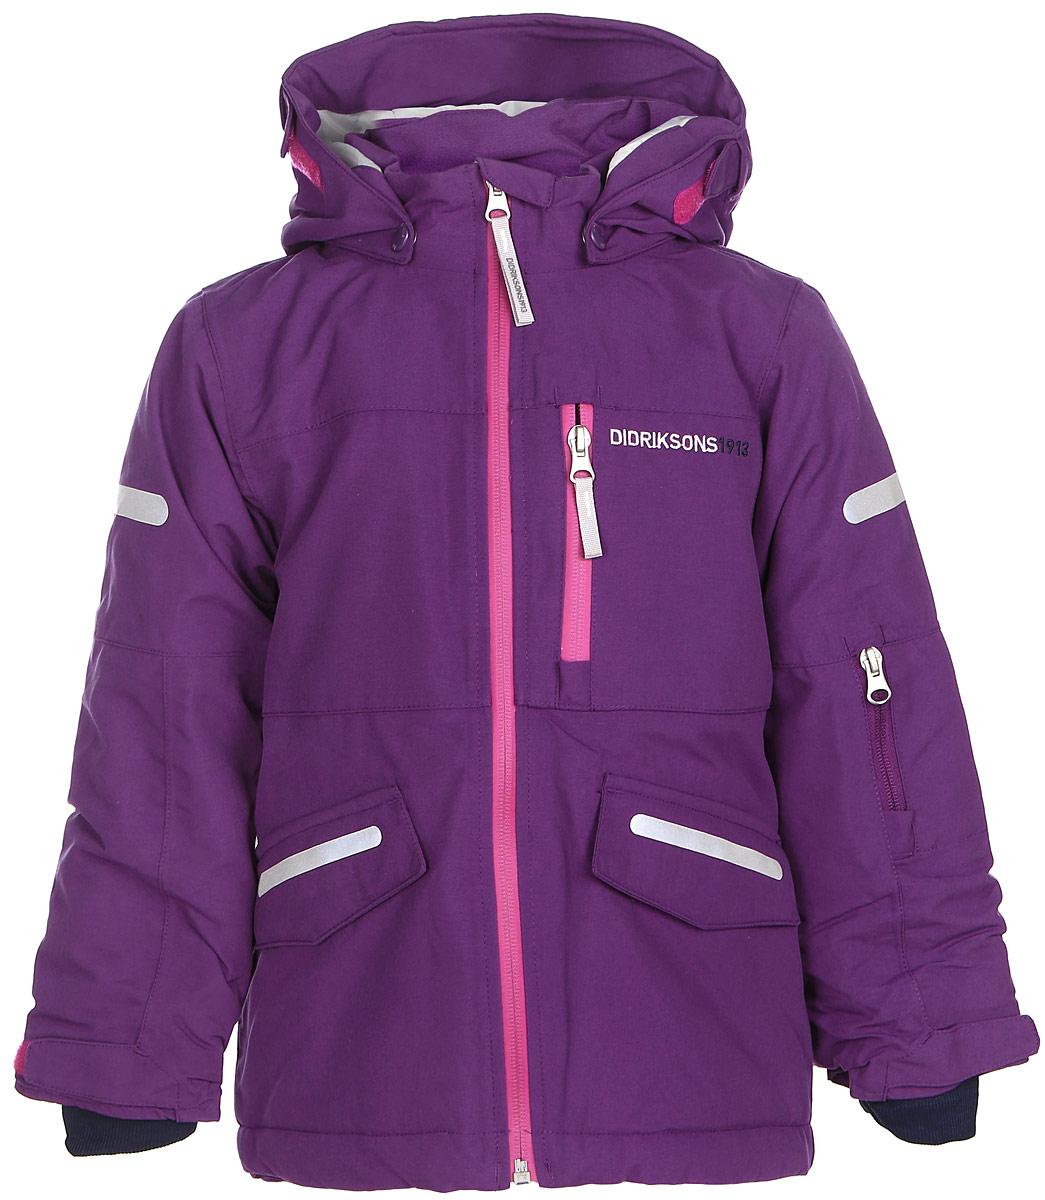 501020_472Модная детская куртка Didriksons 1913 Guolldo изготовлена из ветронепроницаемой дышащей ткани - 100% полиамида с утеплителем из 100% полиэстера. Технология Storm System обеспечивает 100% водонепроницаемость и защиту от любых погодных условий. Подкладка выполнена из полиэстера и полиамида. Модель с воротником-стойкой и съемным капюшоном застегивается на пластиковую молнию. Капюшон пристегивается к куртке с помощью кнопок. Изделие спереди дополнено двумя прорезными карманами, закрывающимися на клапаны с липучками, на груди и на рукаве - прорезными карманами на застежках-молниях. На рукавах предусмотрены эластичные манжеты с петелькой для большого пальца, чтобы манжеты не задирались. Объем капюшона и ширина рукавов регулируются с помощью хлястиков с липучками. Специальный крой изделия позволяет при необходимости увеличить длину рукавов на один размер. Нижняя часть изделия дополнена эластичной резинкой со стоппером. Куртка снабжена светоотражающими...